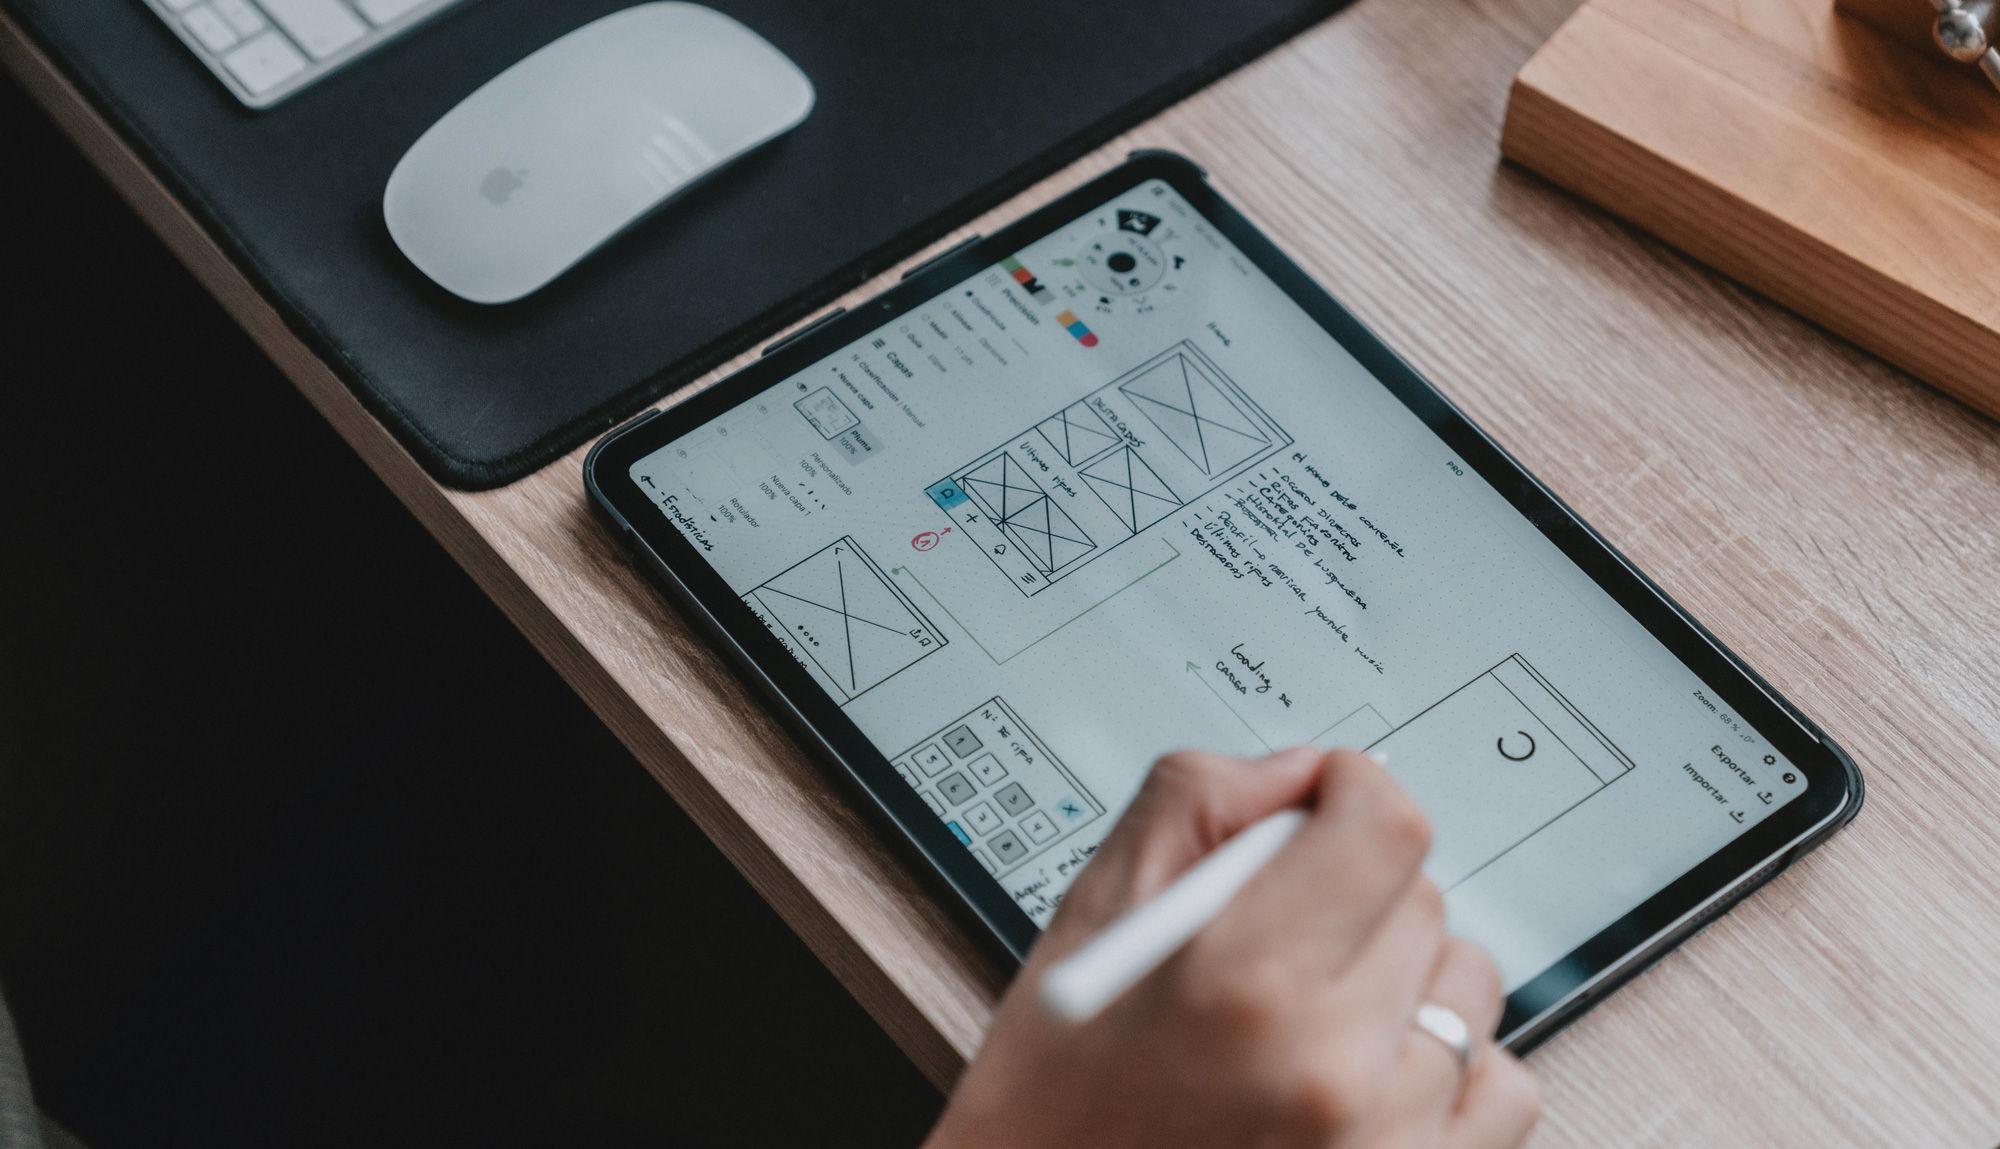 Adobe XD를 활용한 인터렉티브 UI 제작